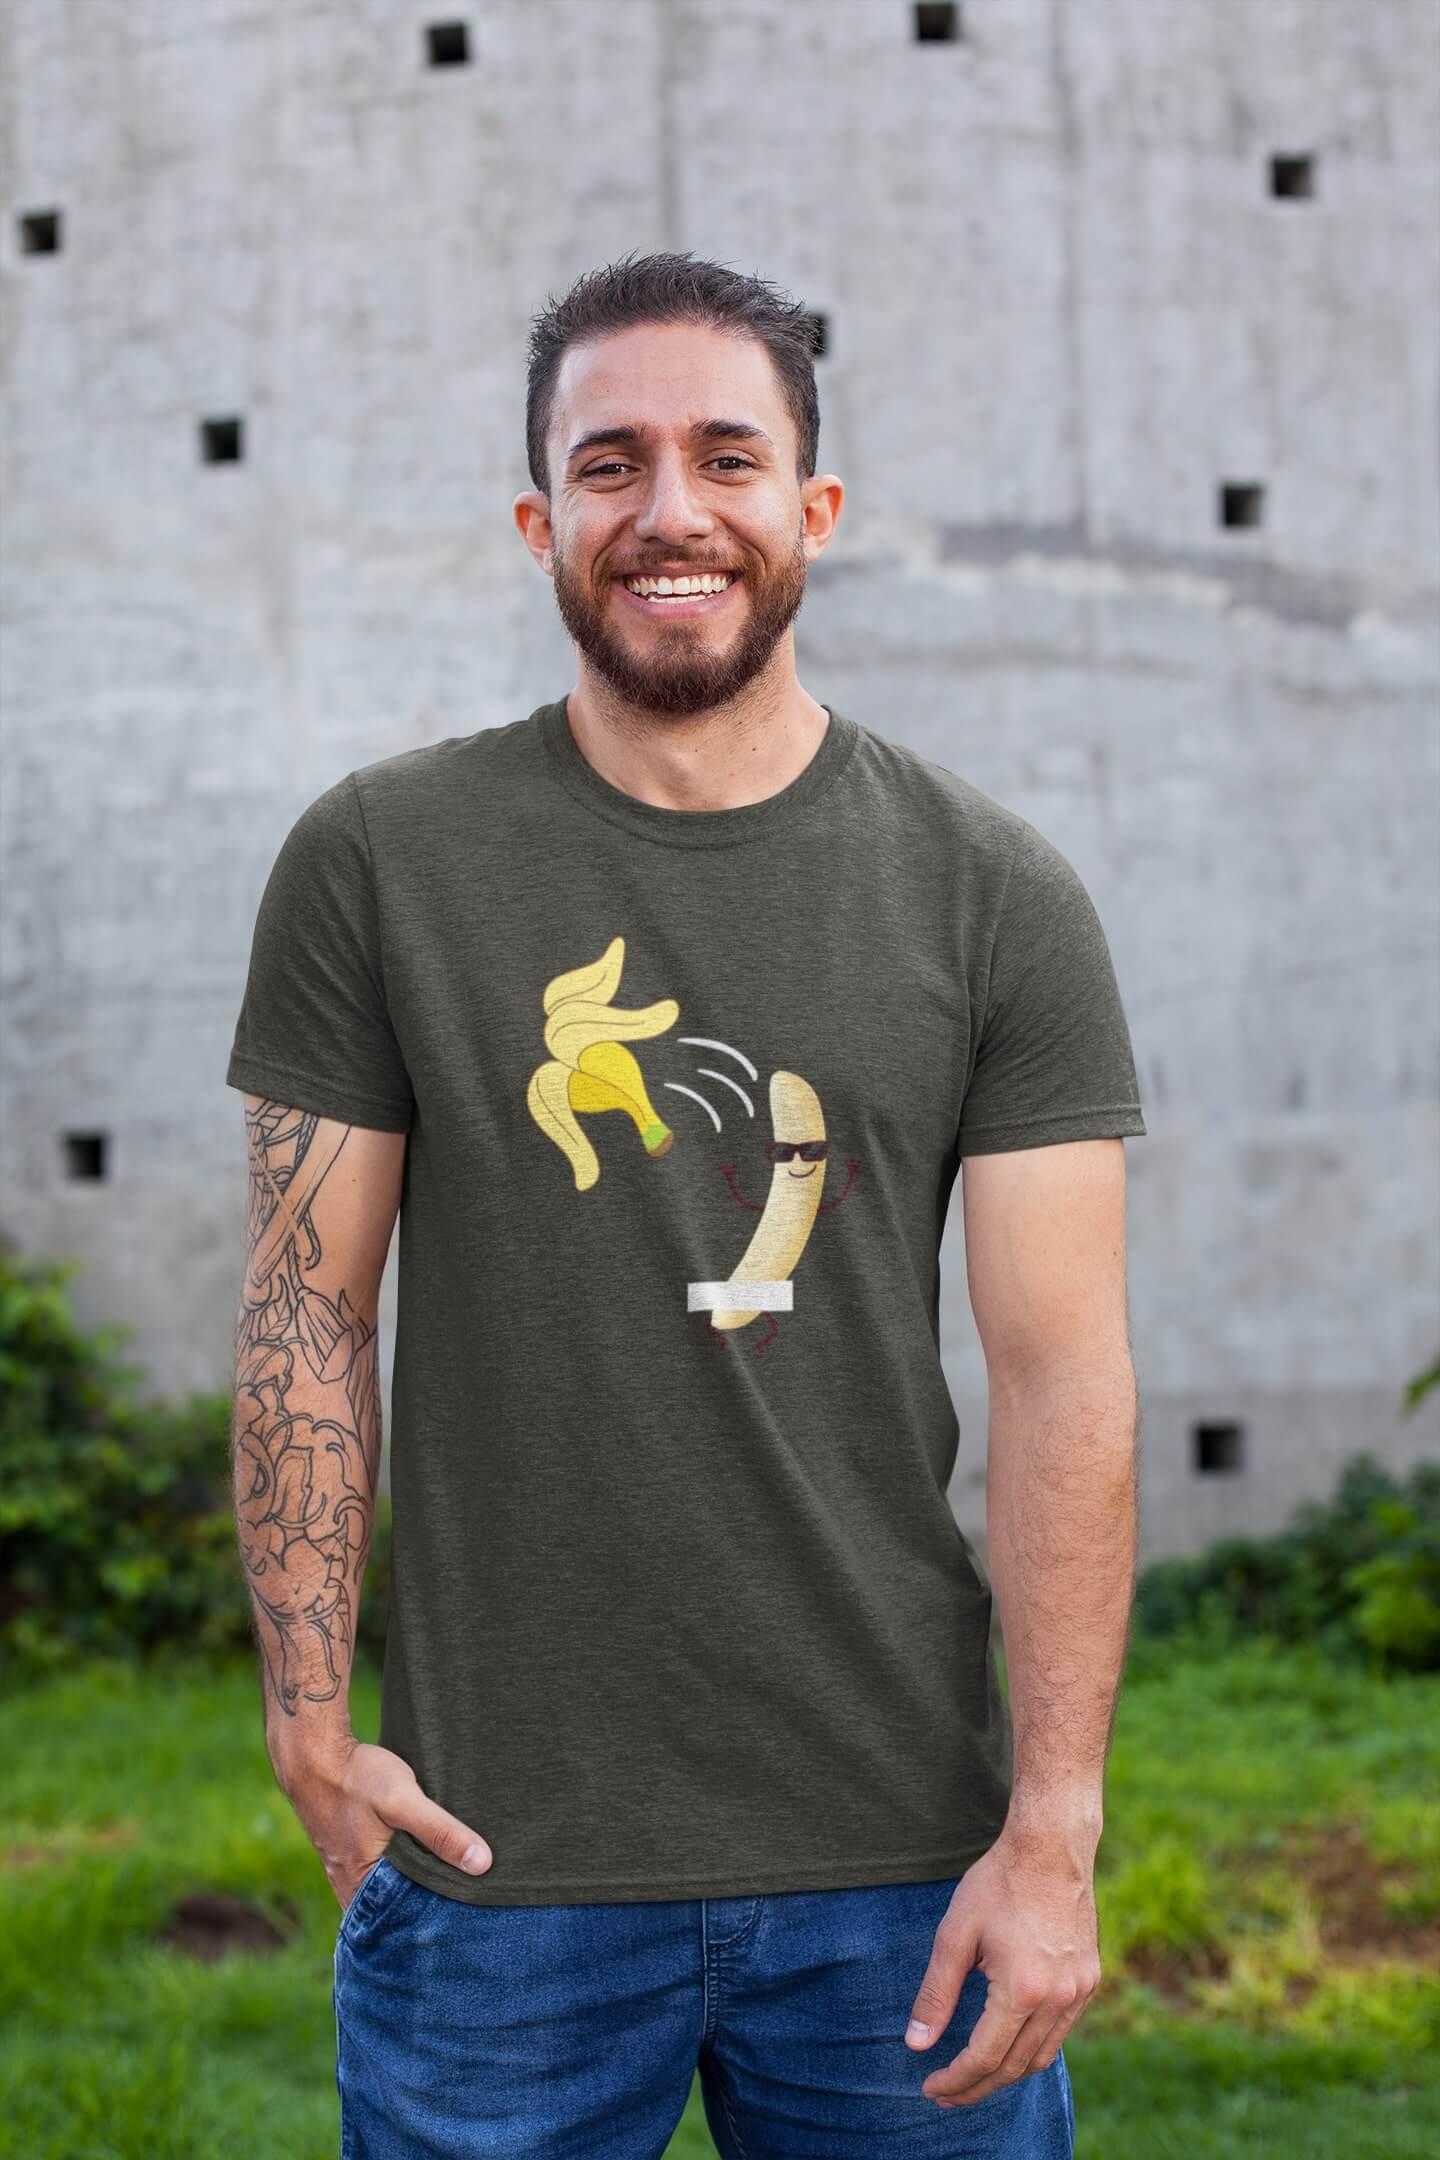 MMO Pánske tričko BANANA Vyberte farbu: Tmavá bridlica, Vyberte veľkosť: XL